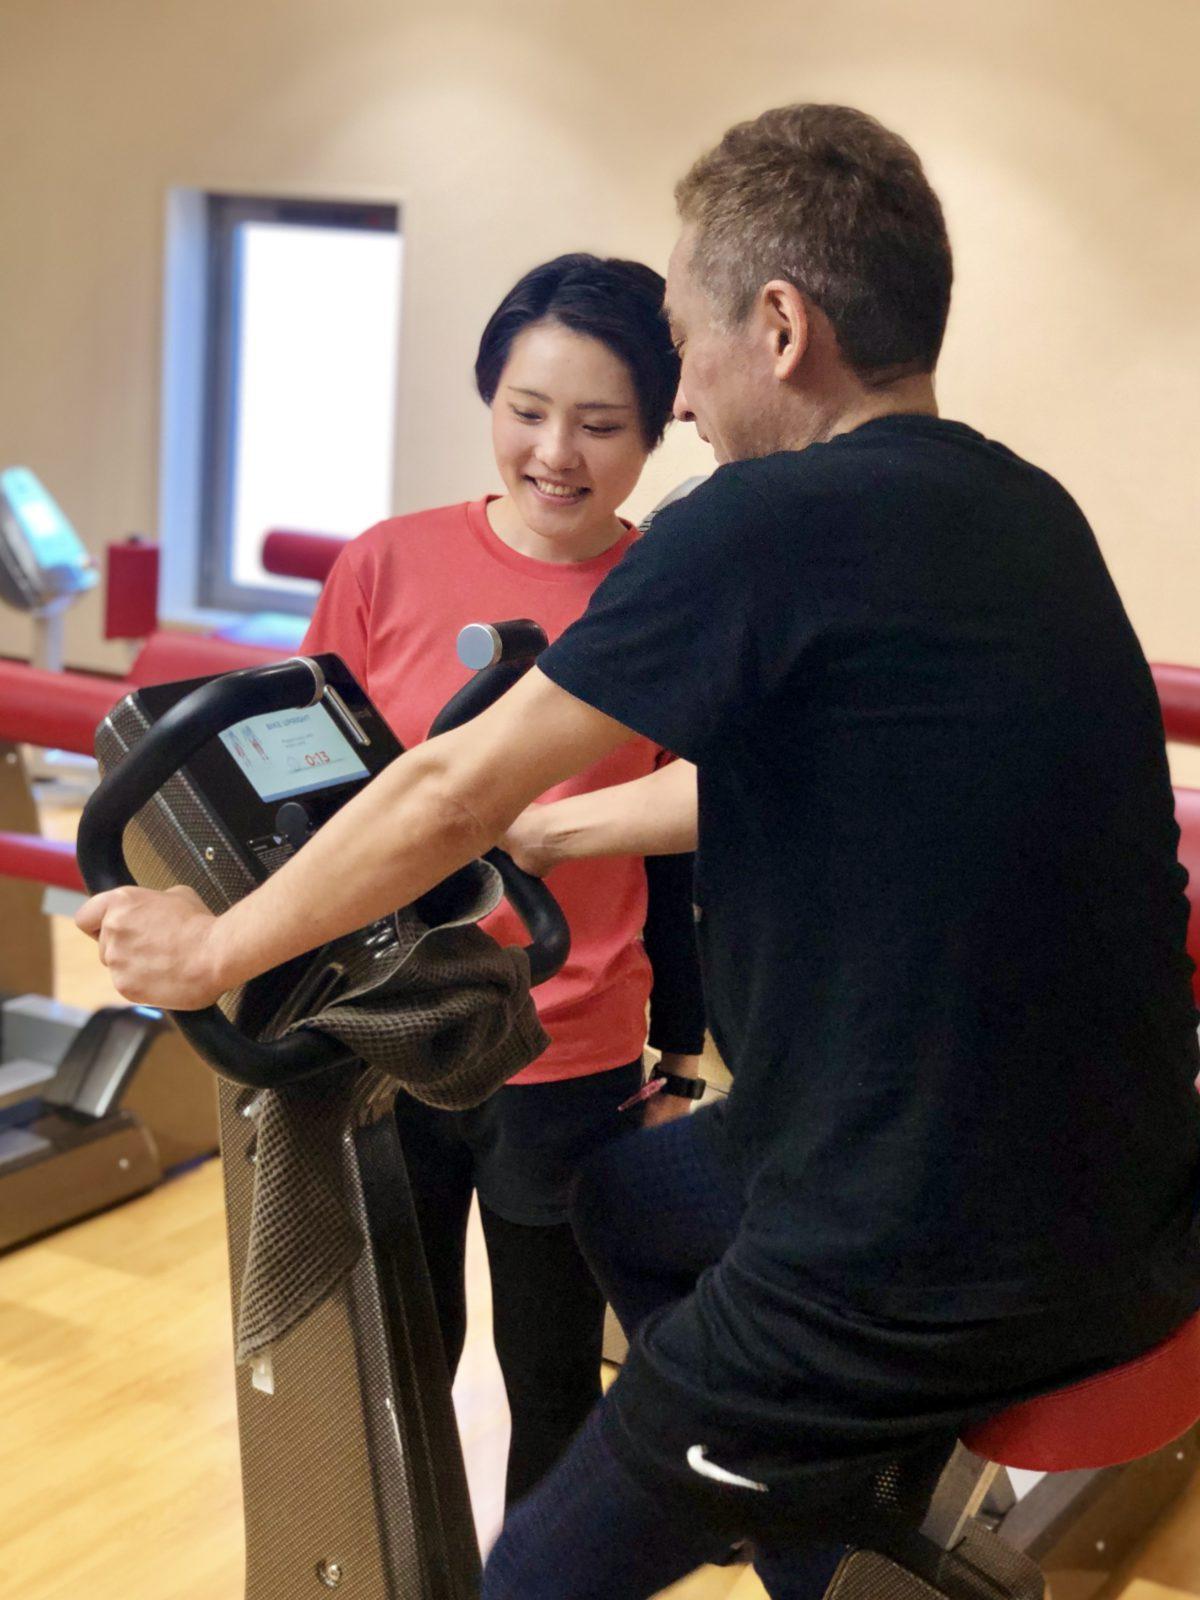 「運動習慣が身について健康的に」